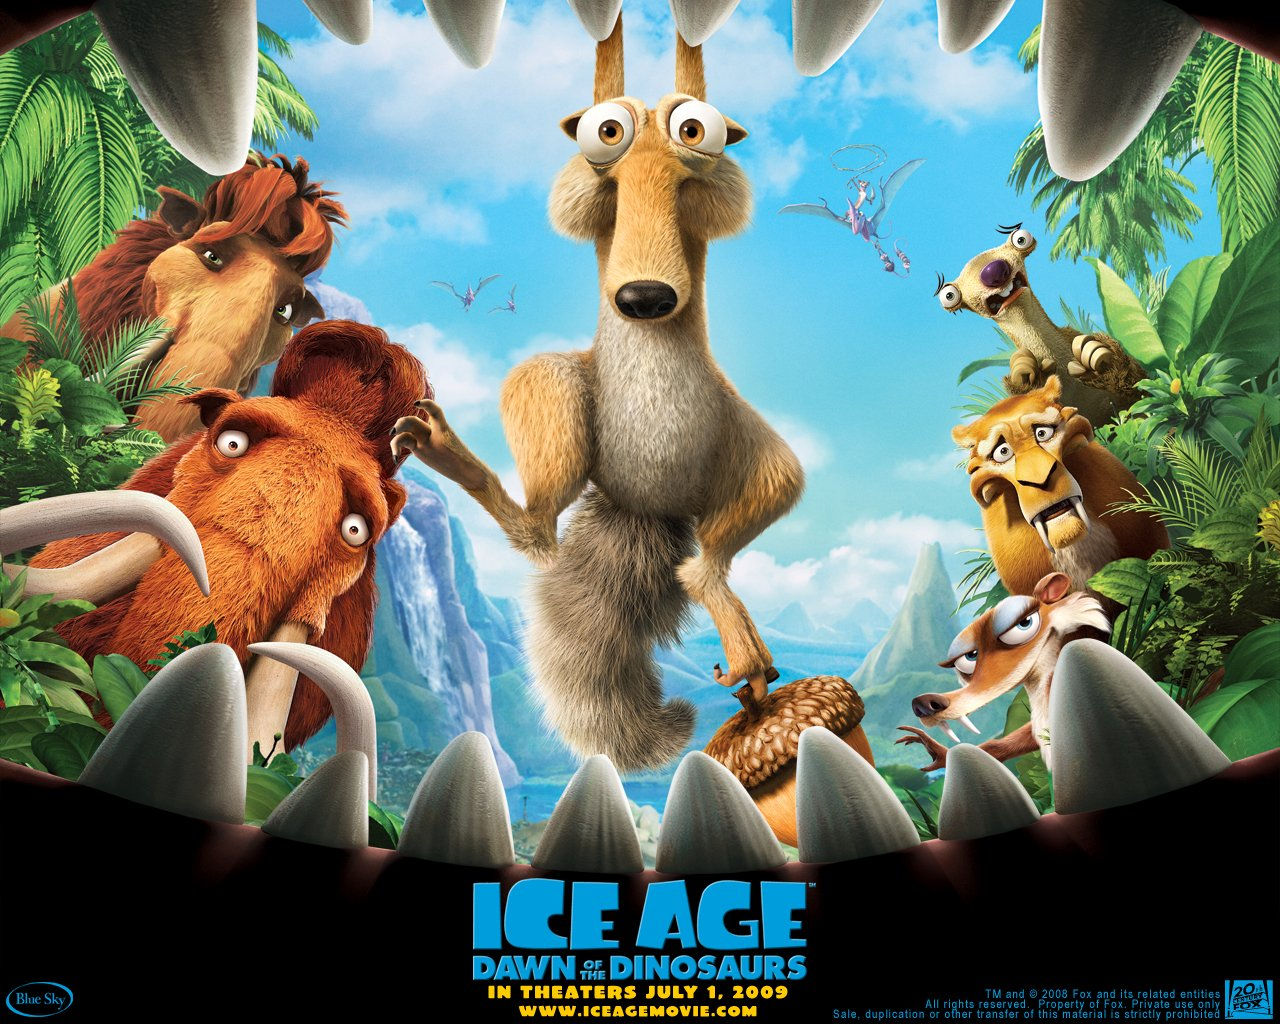 Gambar Ice Age